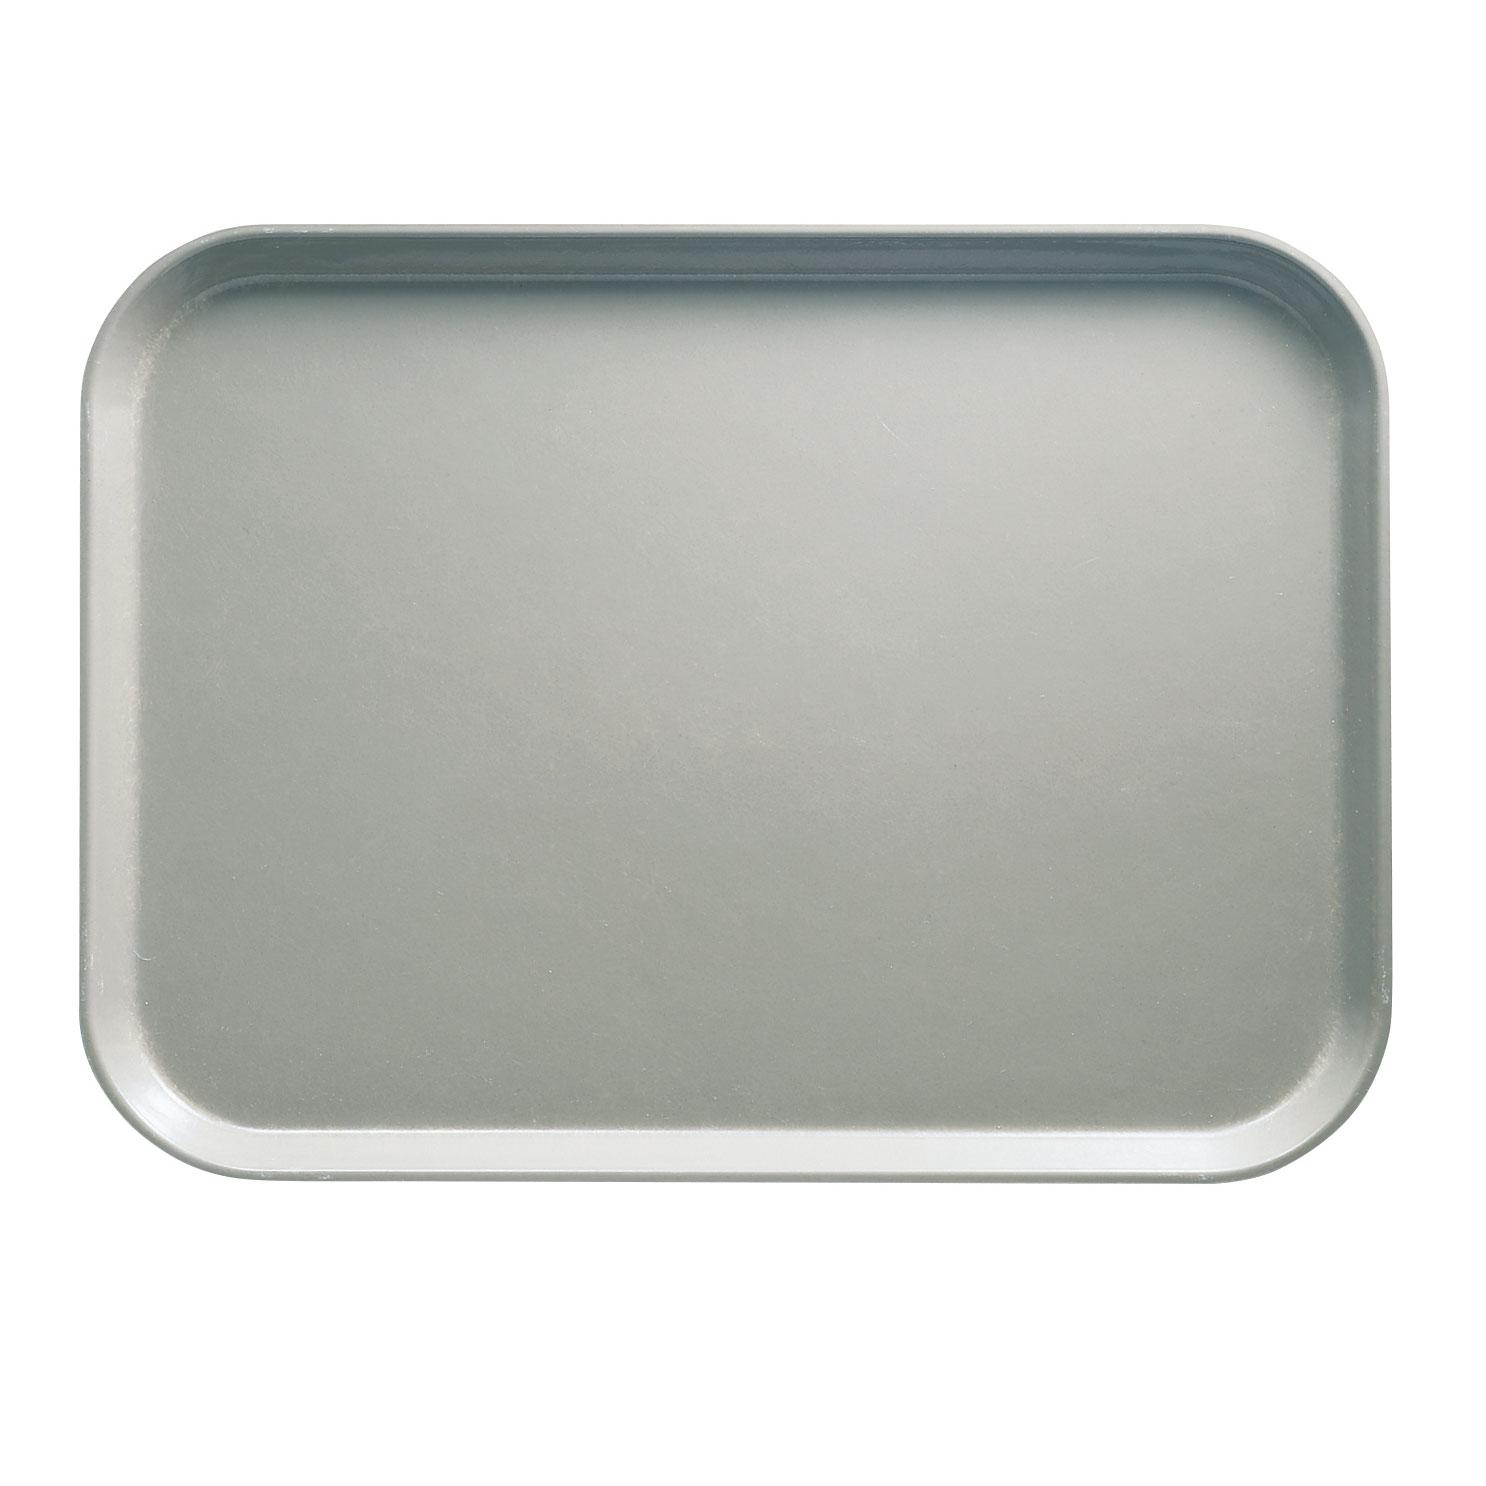 Cambro 1622199 cafeteria tray